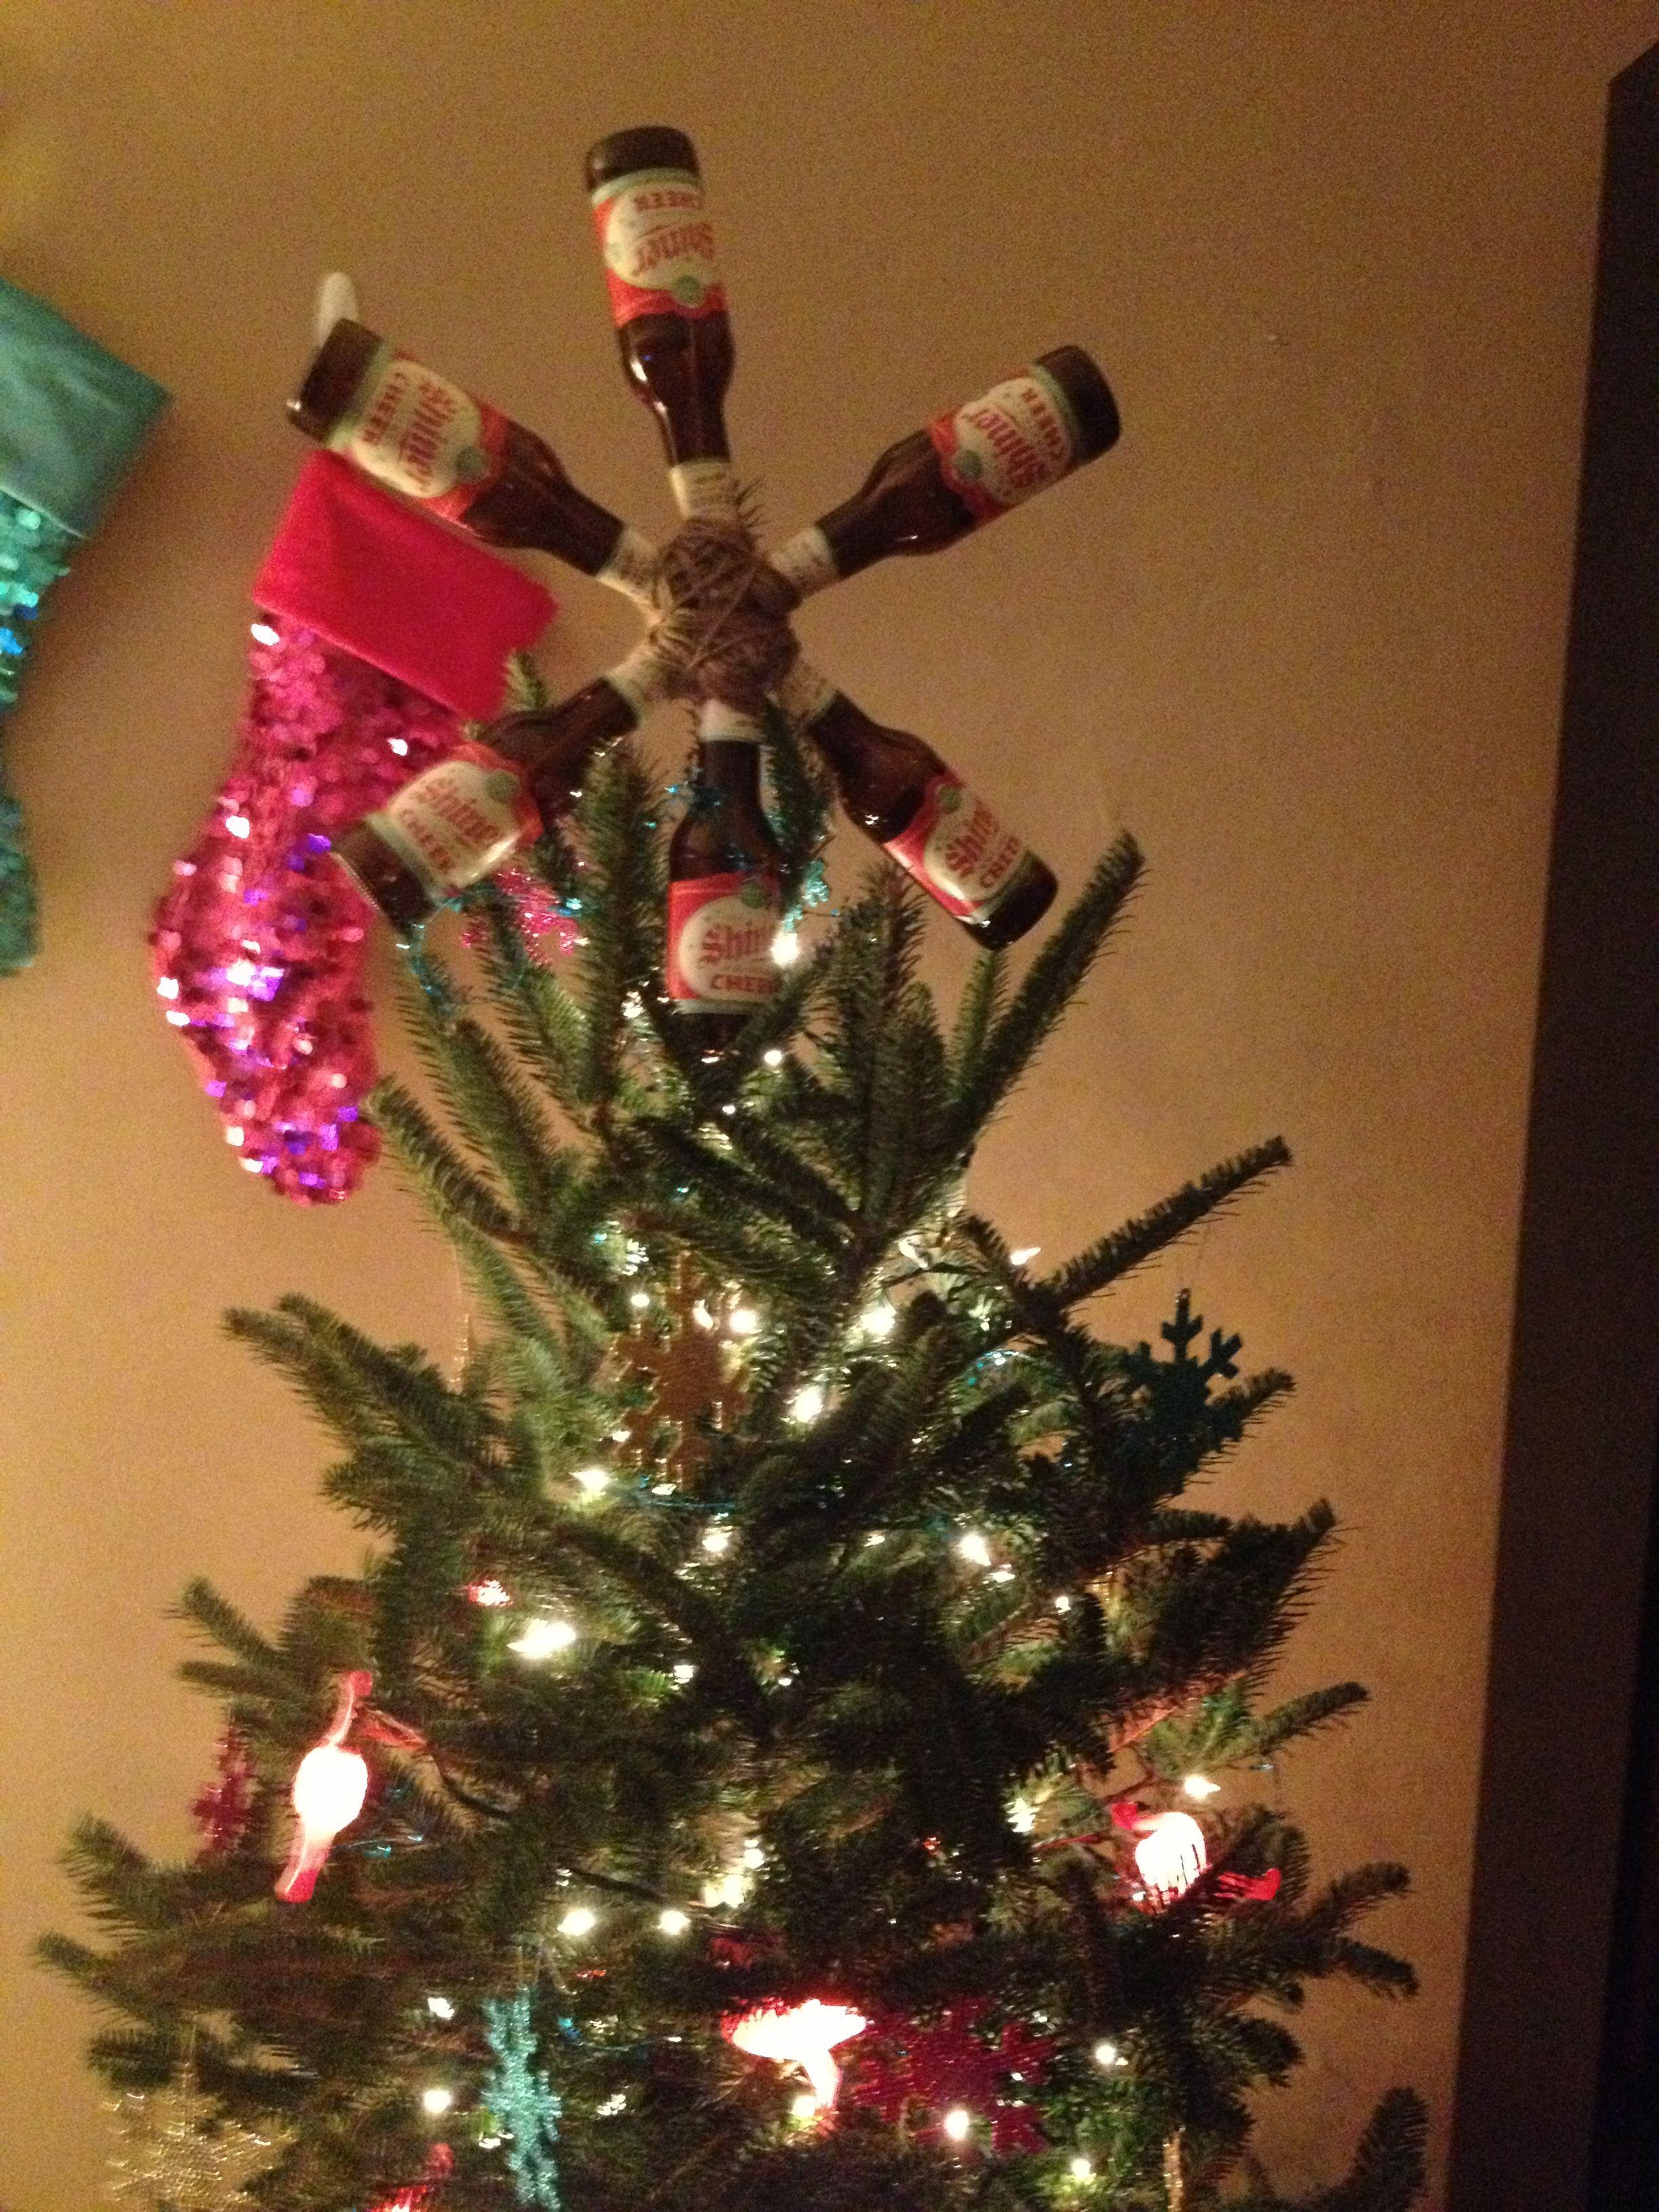 Beer bottle tree topper DIY Pinterest